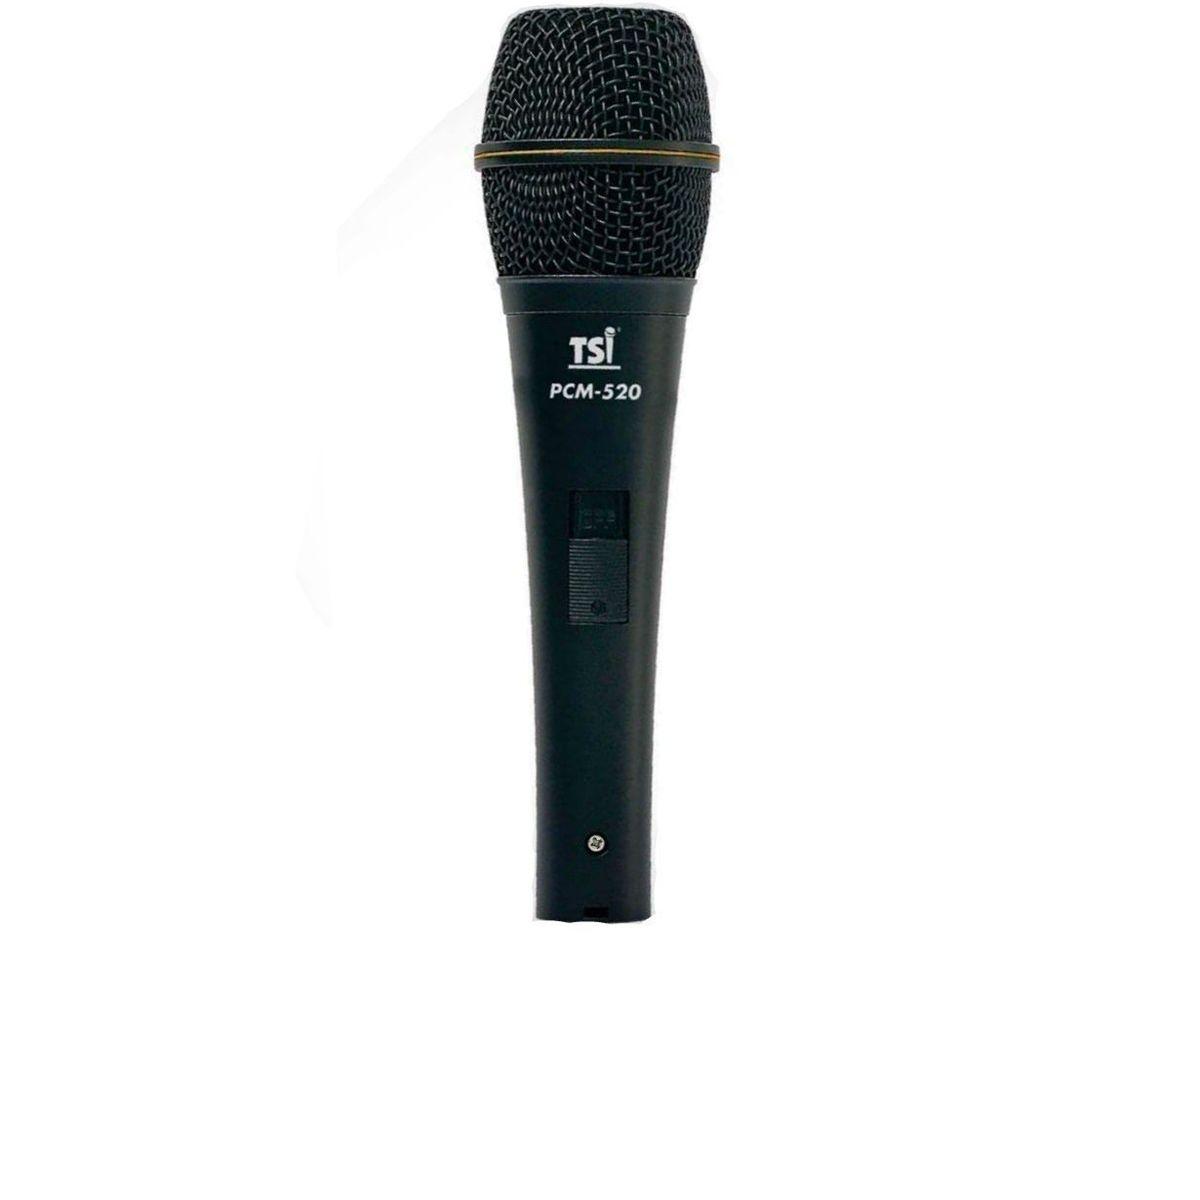 Microfone TSI PCM-520 com Capsula de Condensador